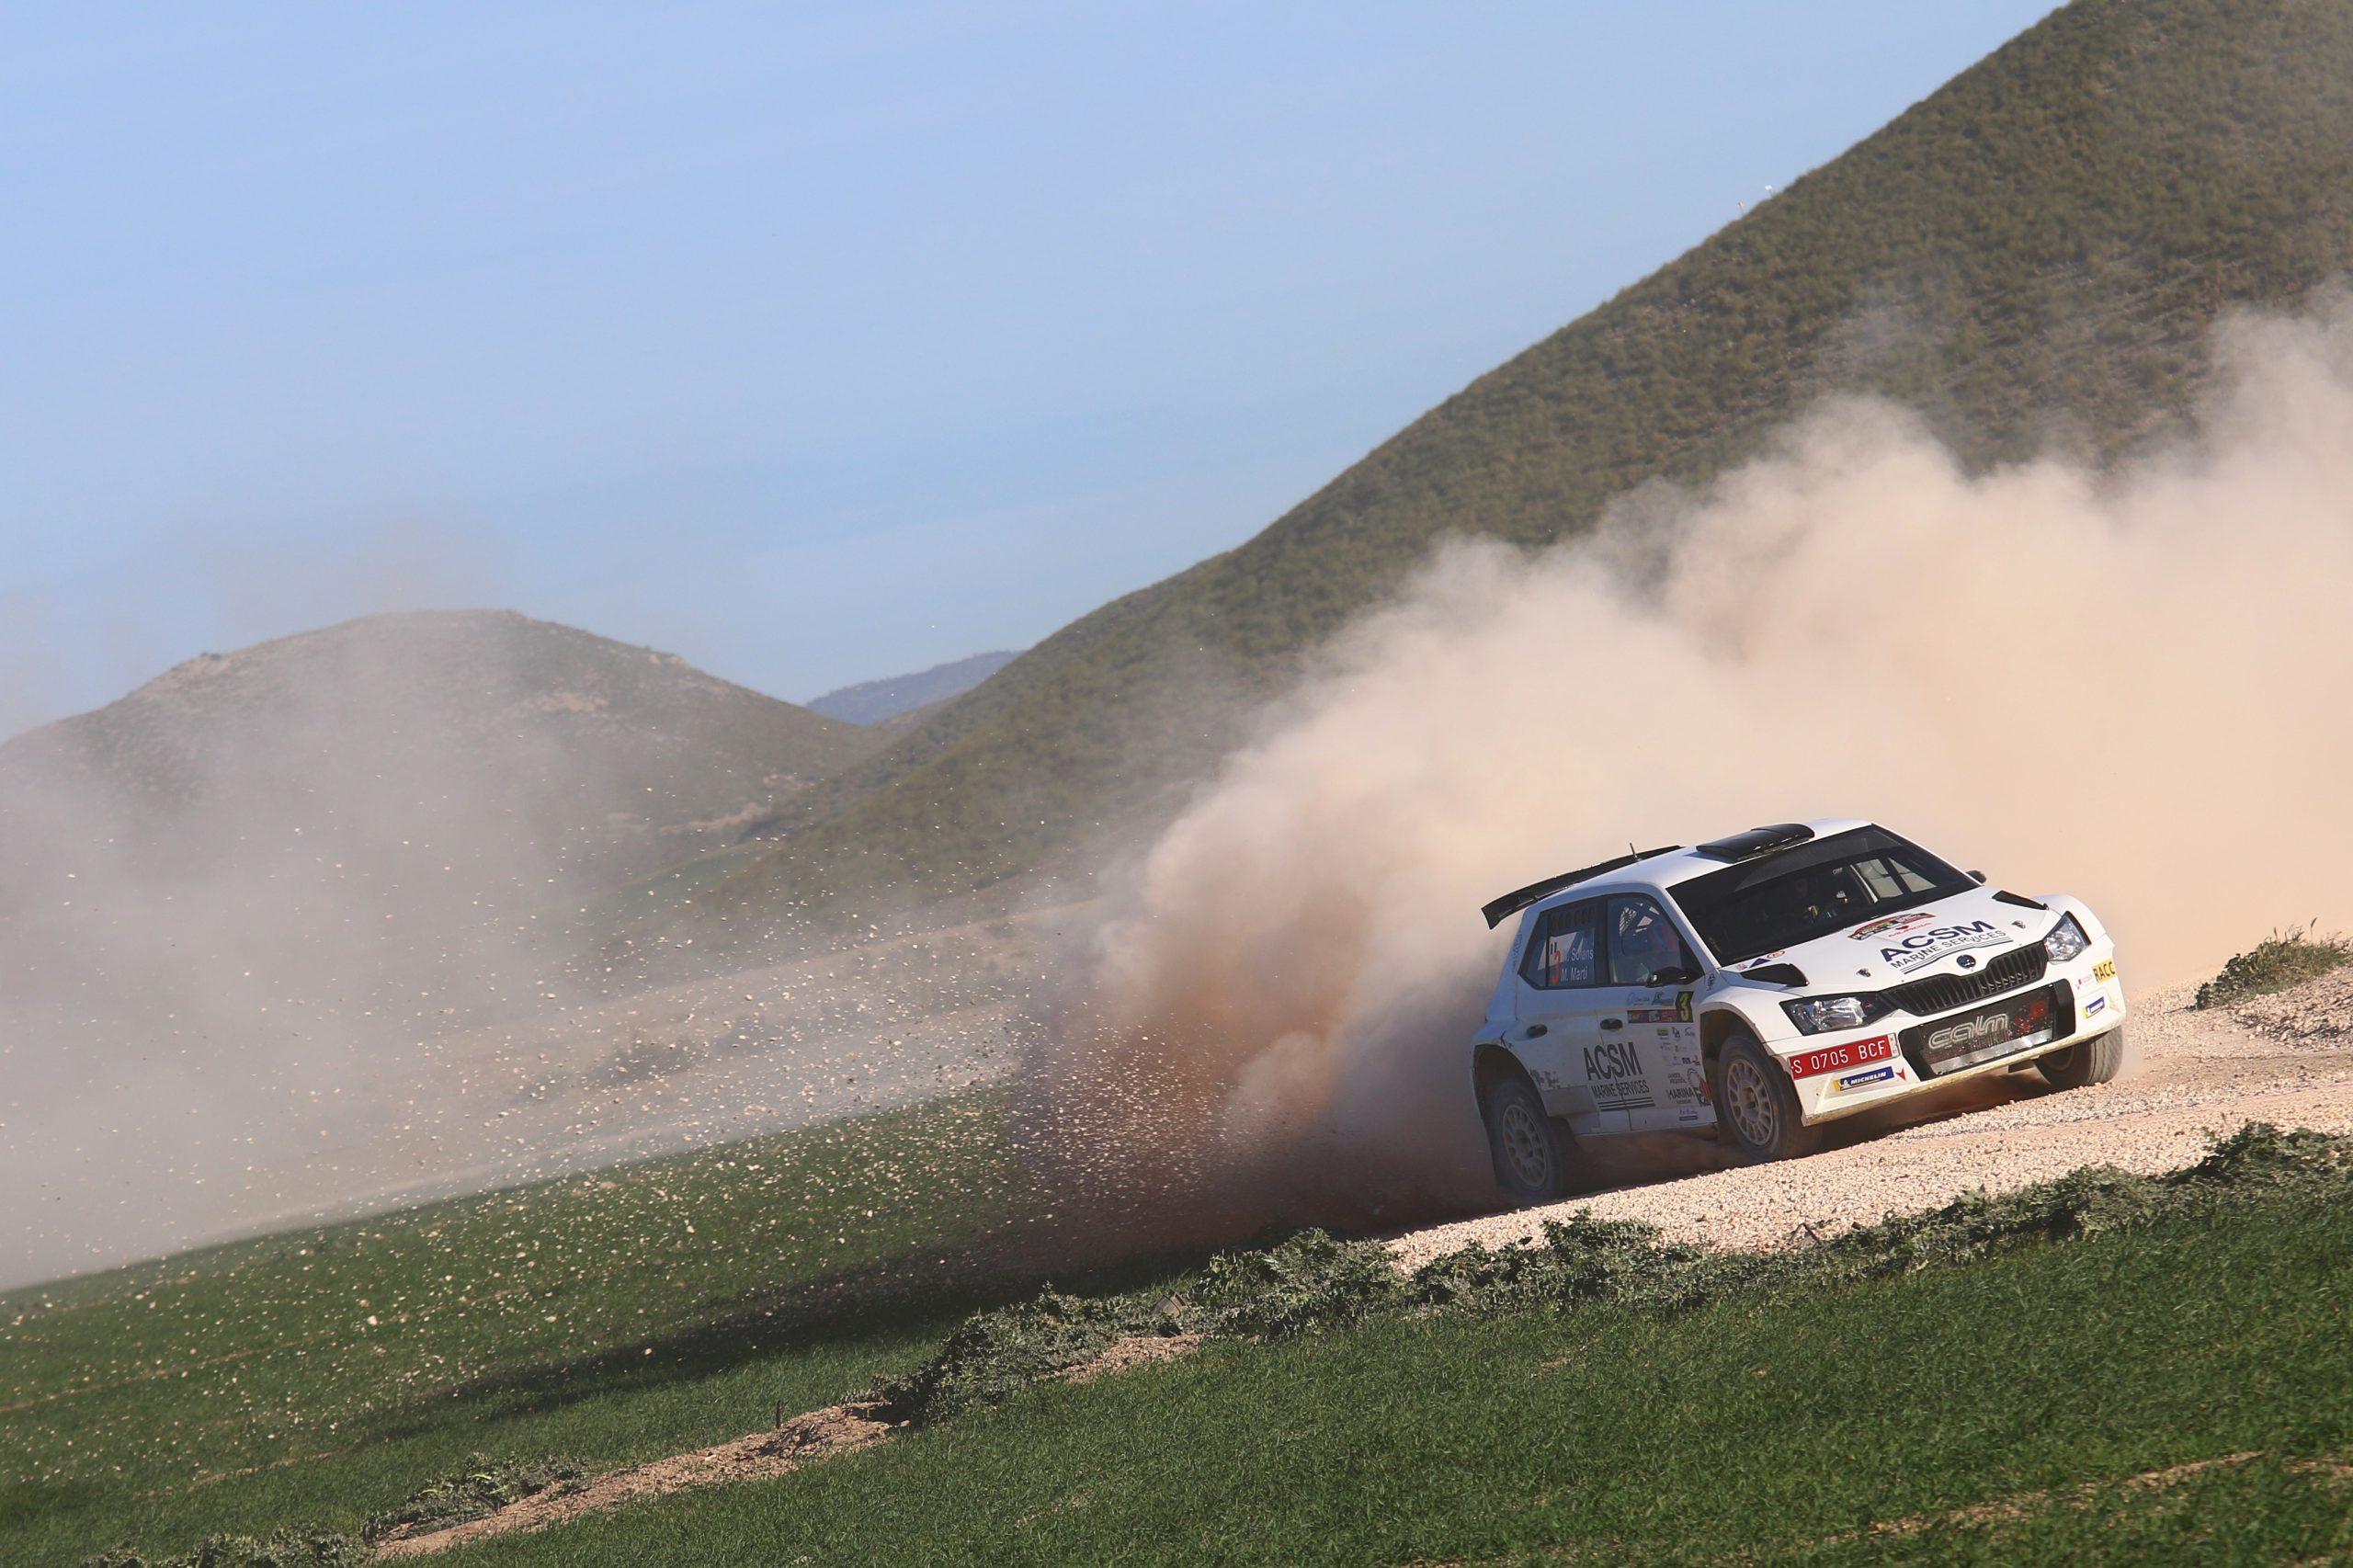 Gran triunfo de Nil Solans en el Rallye Tierras Altas